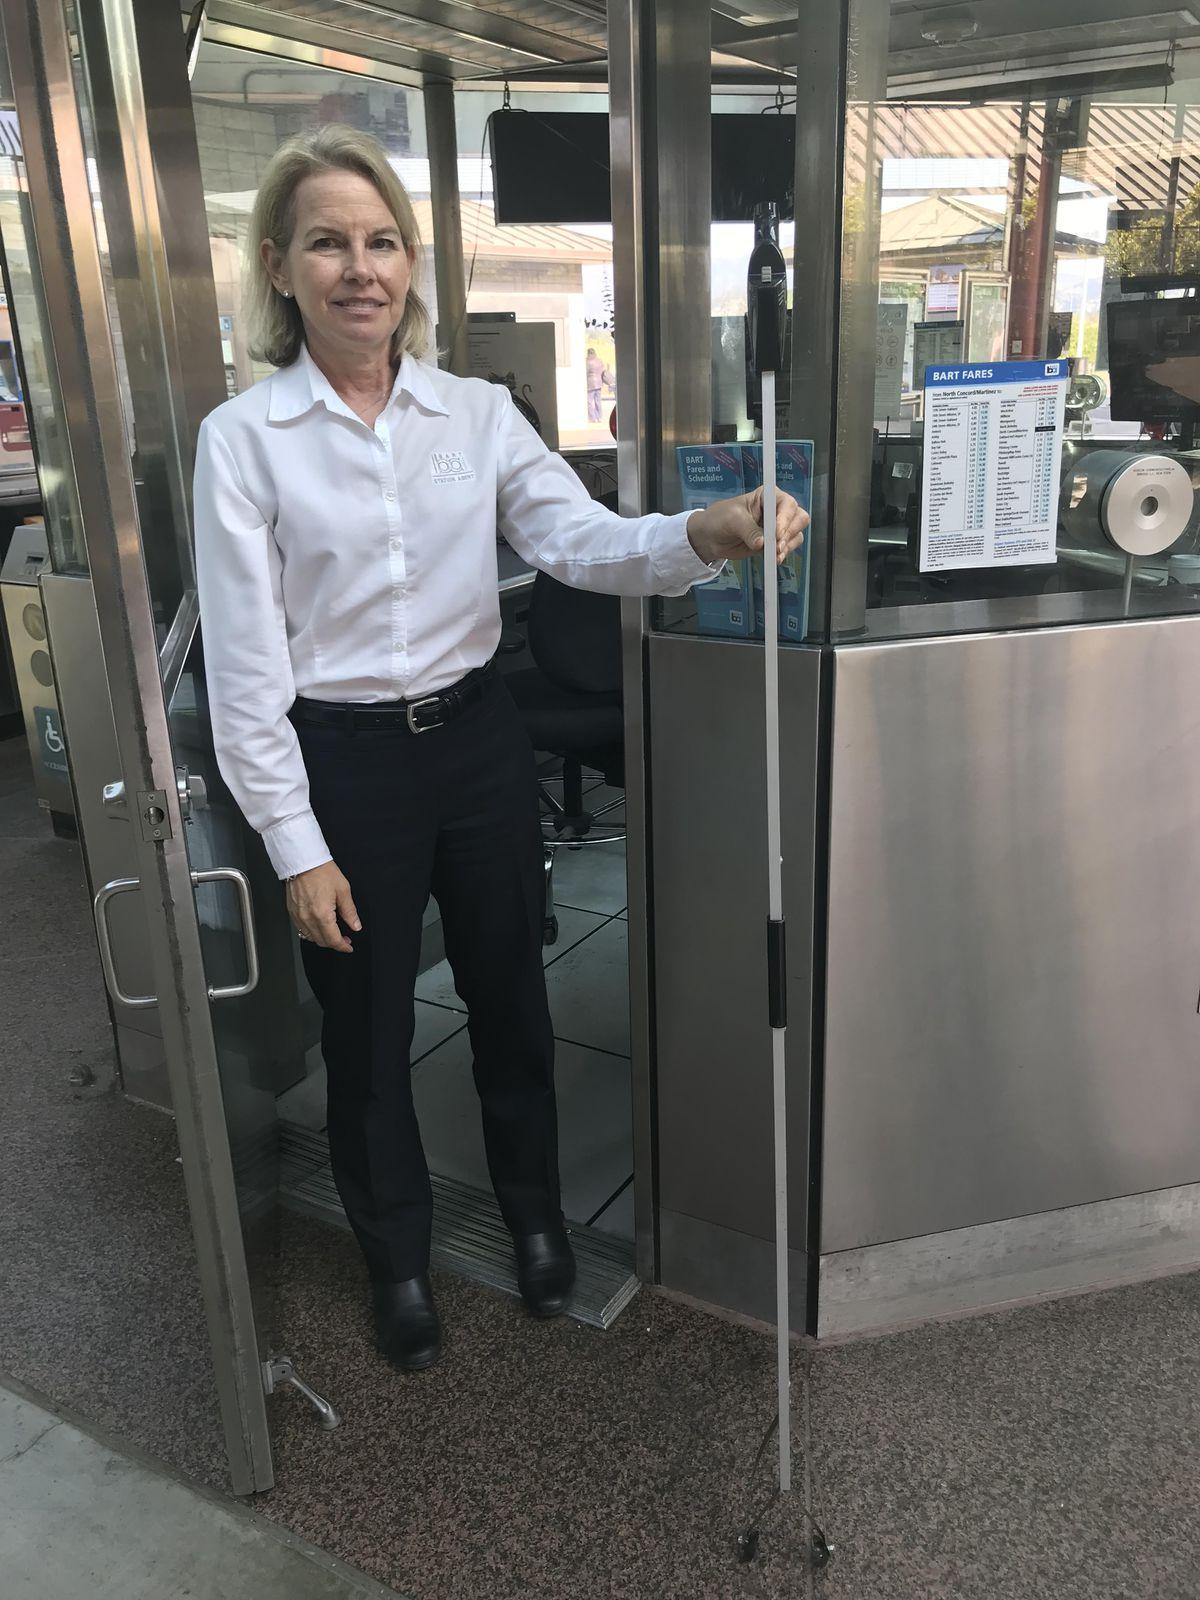 Alicia Trost com ferramenta do BART para pegar AirPods perdidos nos trilhos